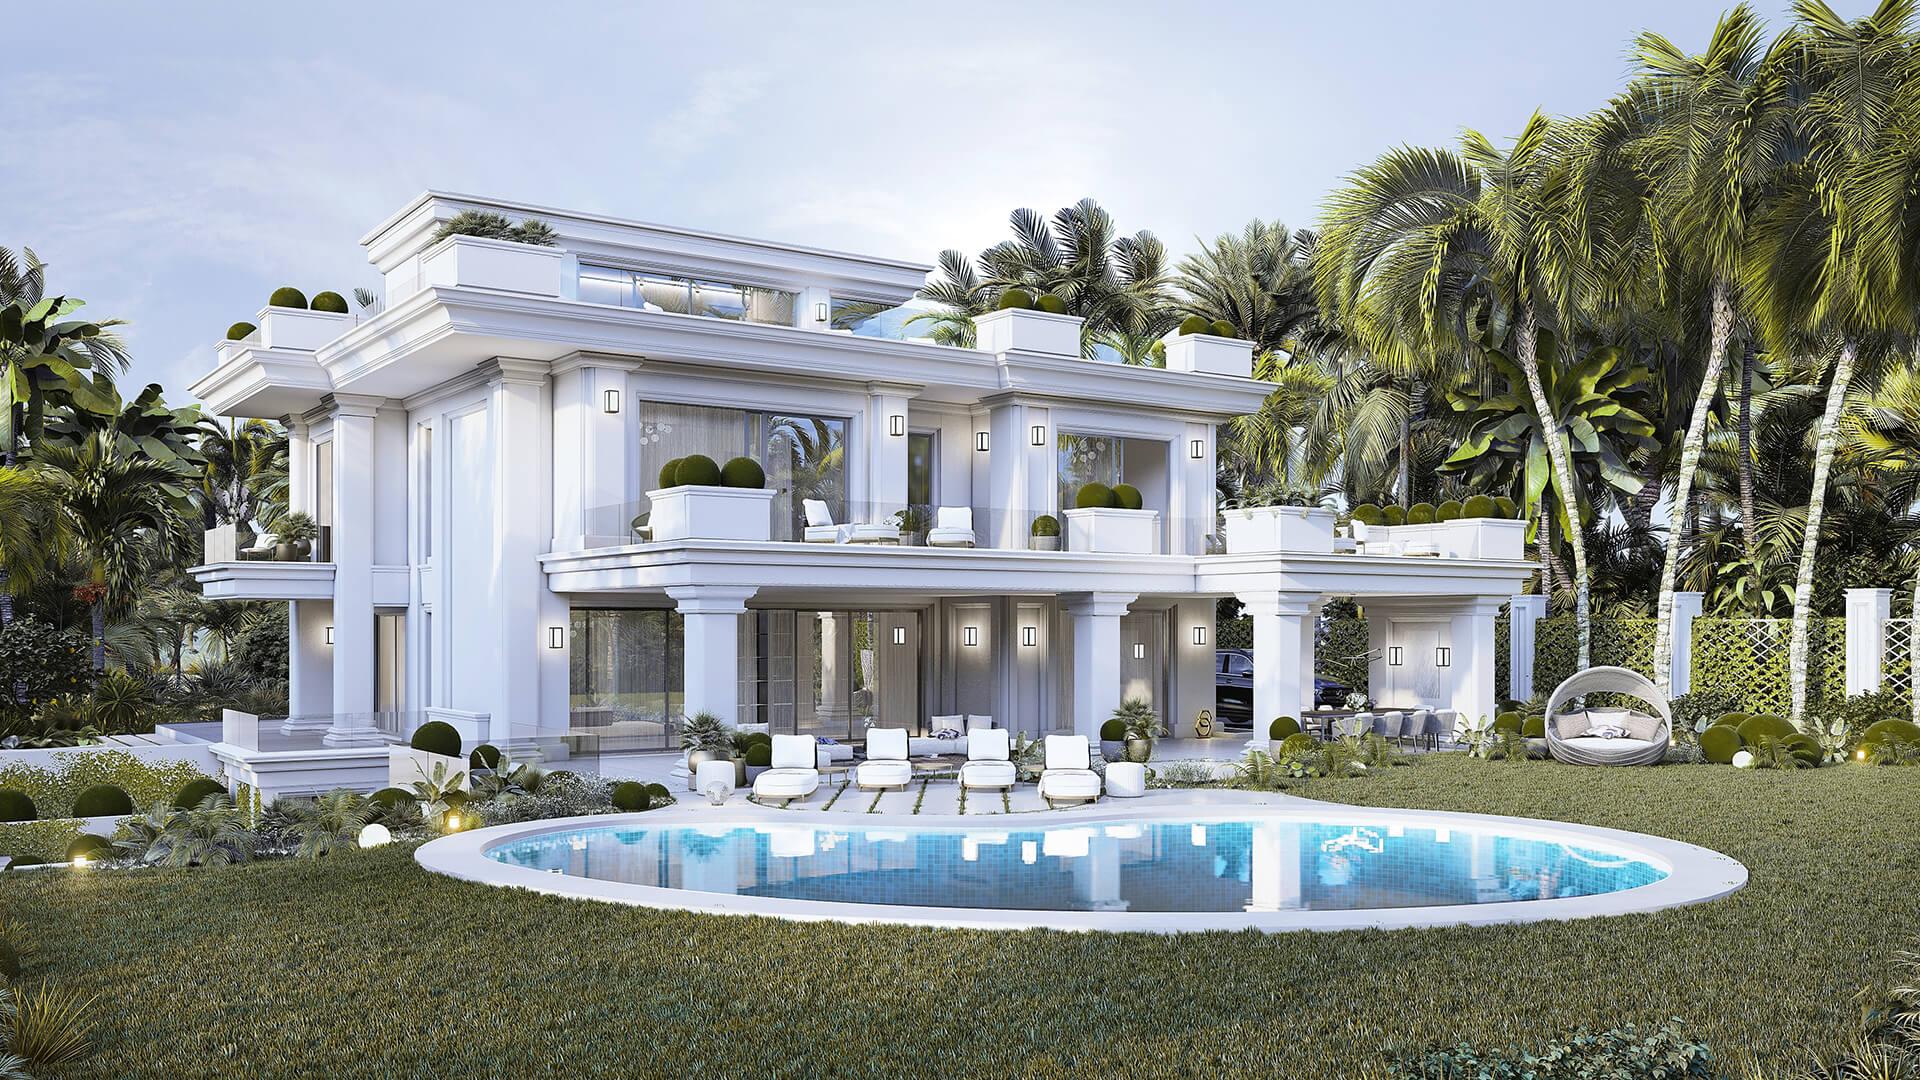 Pisos nuevas en venta - Villas Lomas de Marbella Club